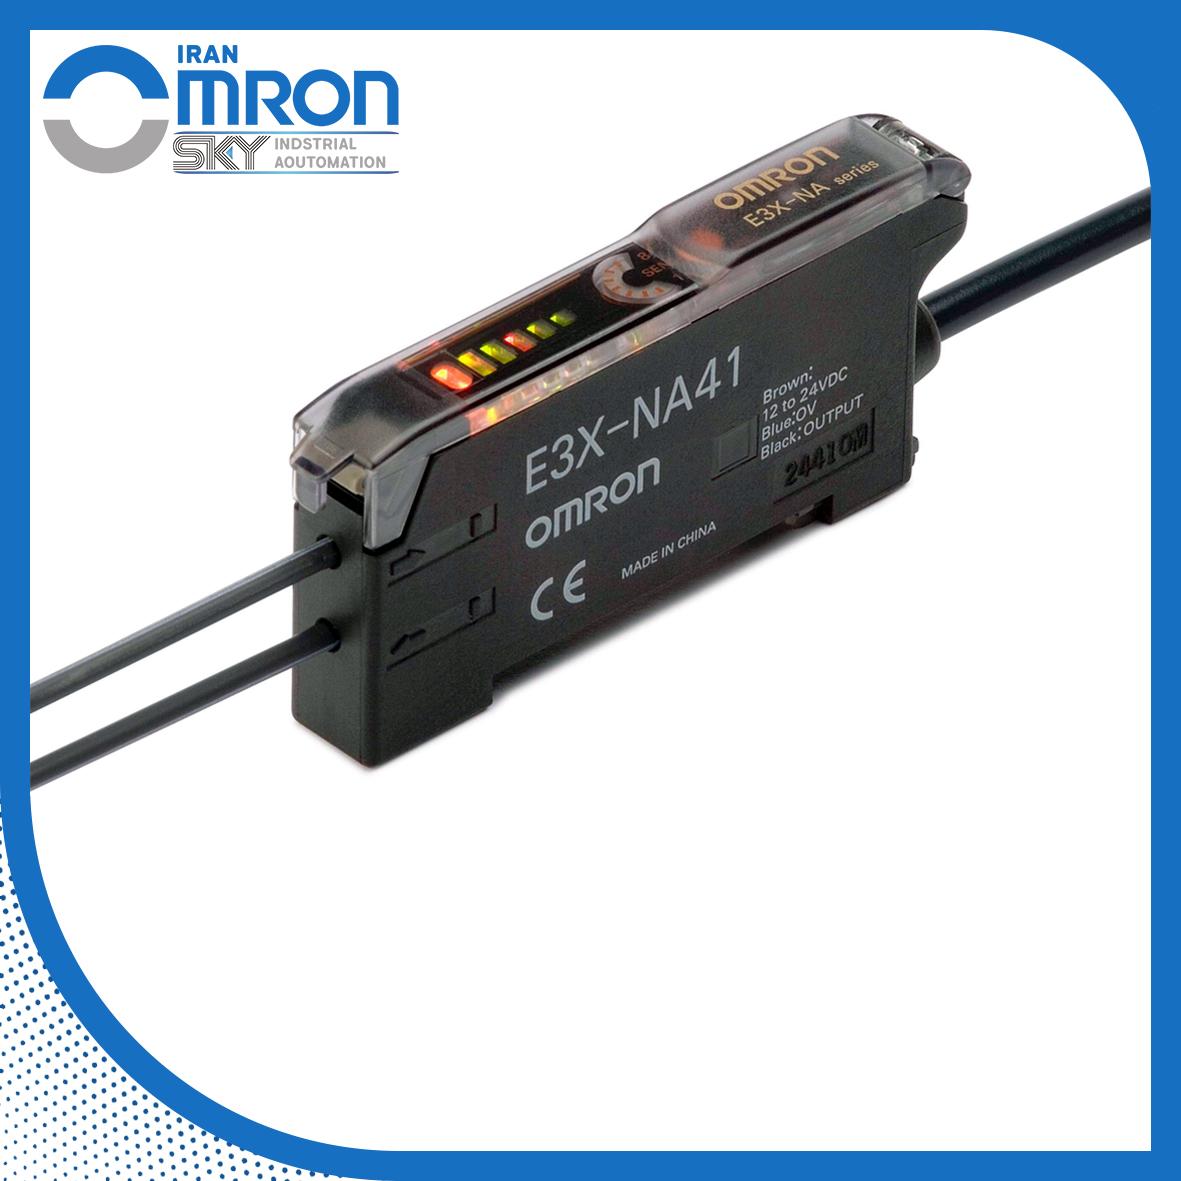 آمپلی فایر سنسور فیبر نوری E3X-NA امرن omron